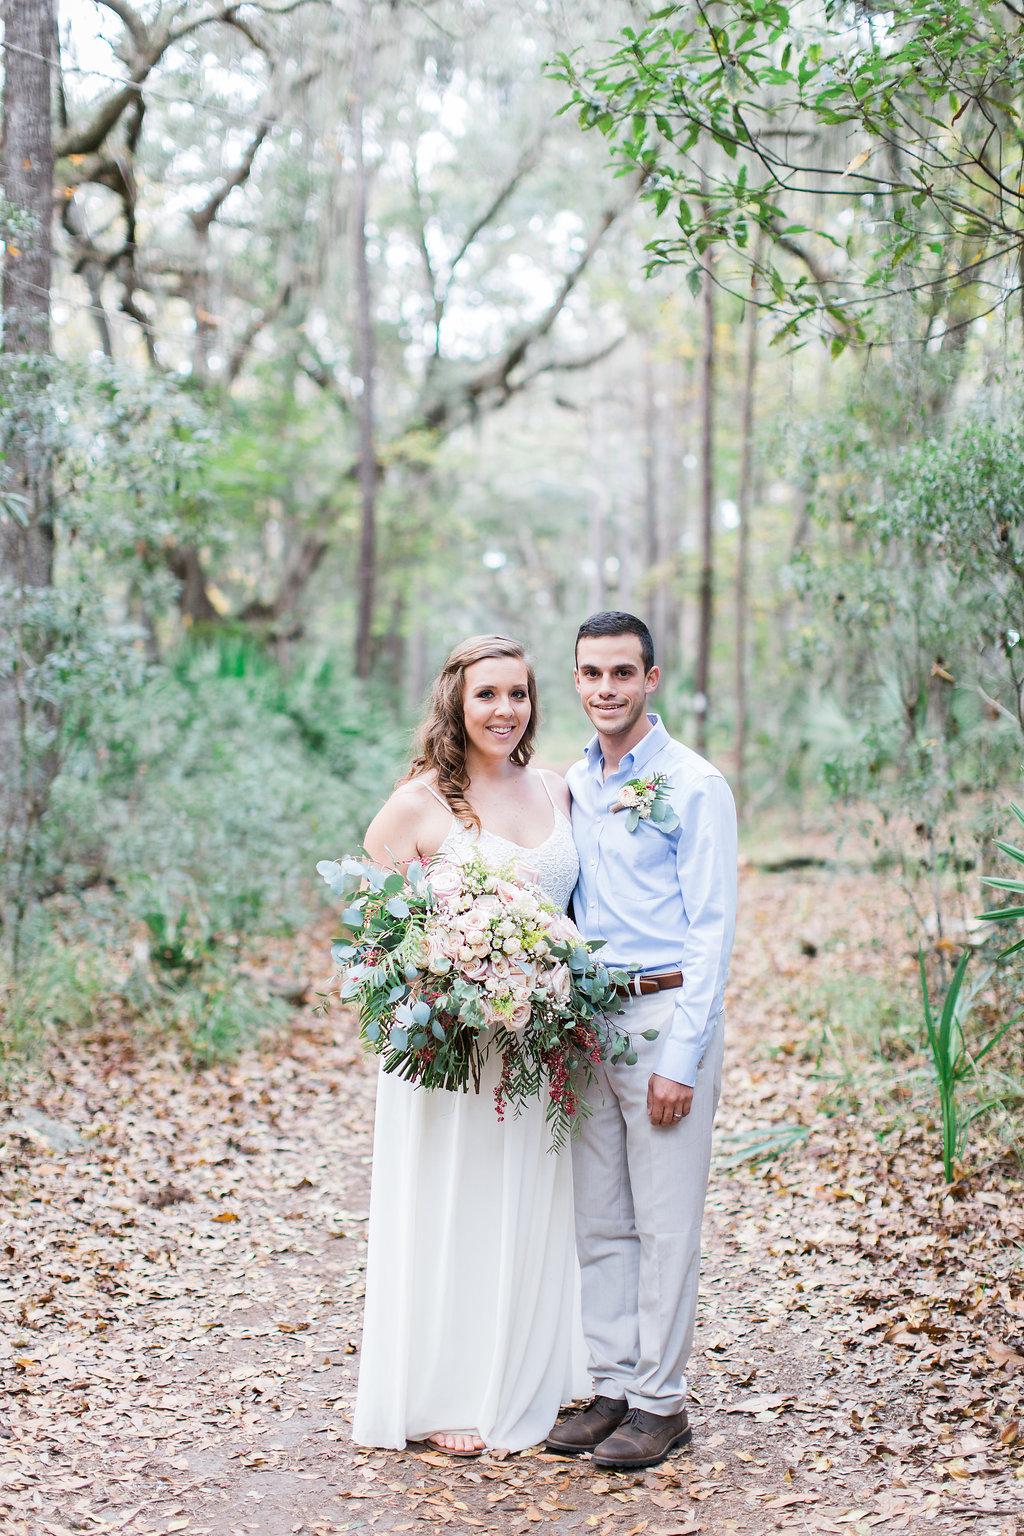 Savannah_Wedding_Photography_AptBPhotography_Elopements454.JPG